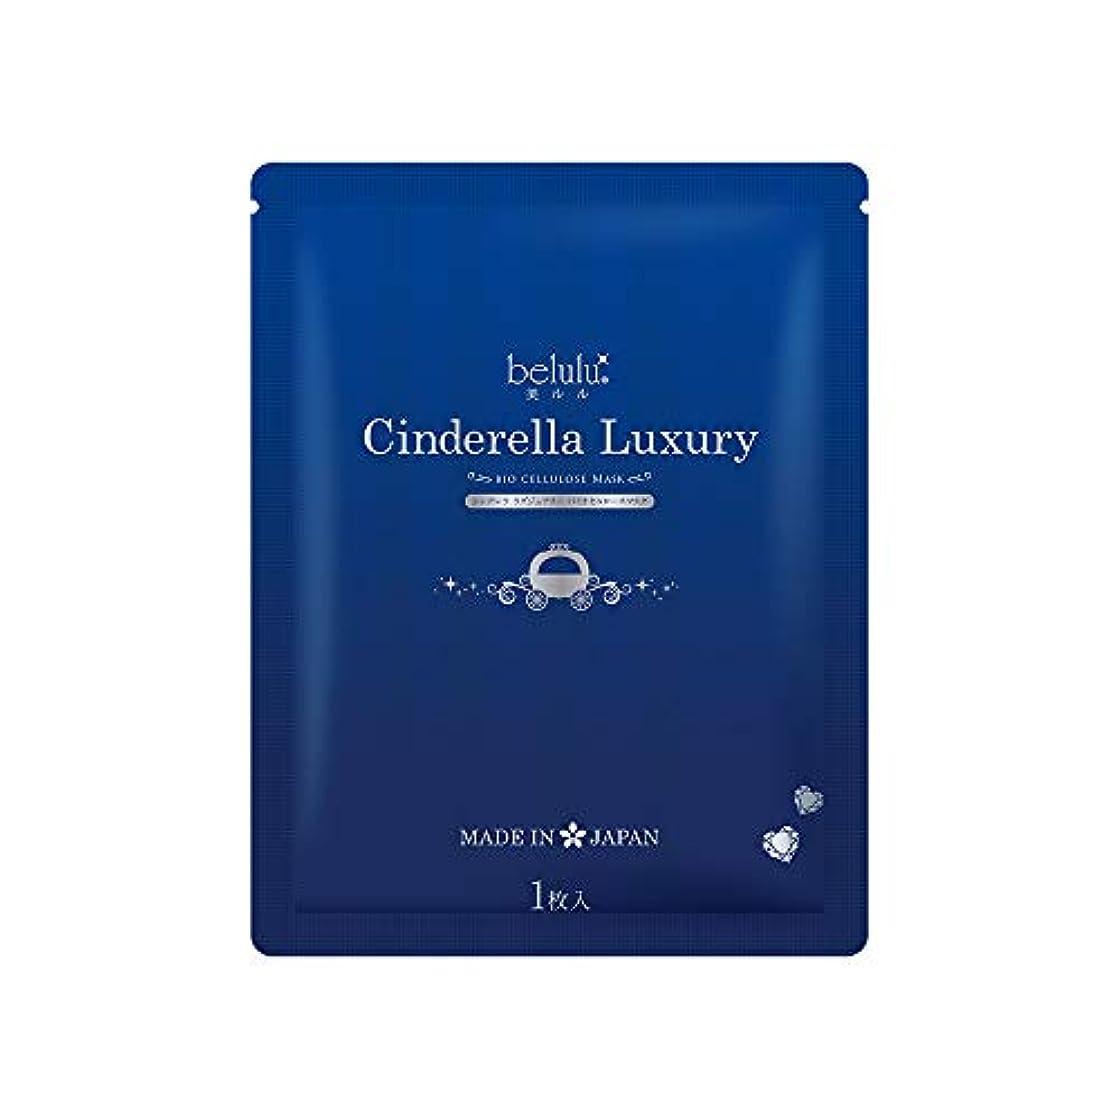 承知しましたビュッフェメイエラフェイスマスク 美ルル シンデレラ ラグジュアリー パック 美白 保湿 美肌 日本製 belulu Cinderella Luxury